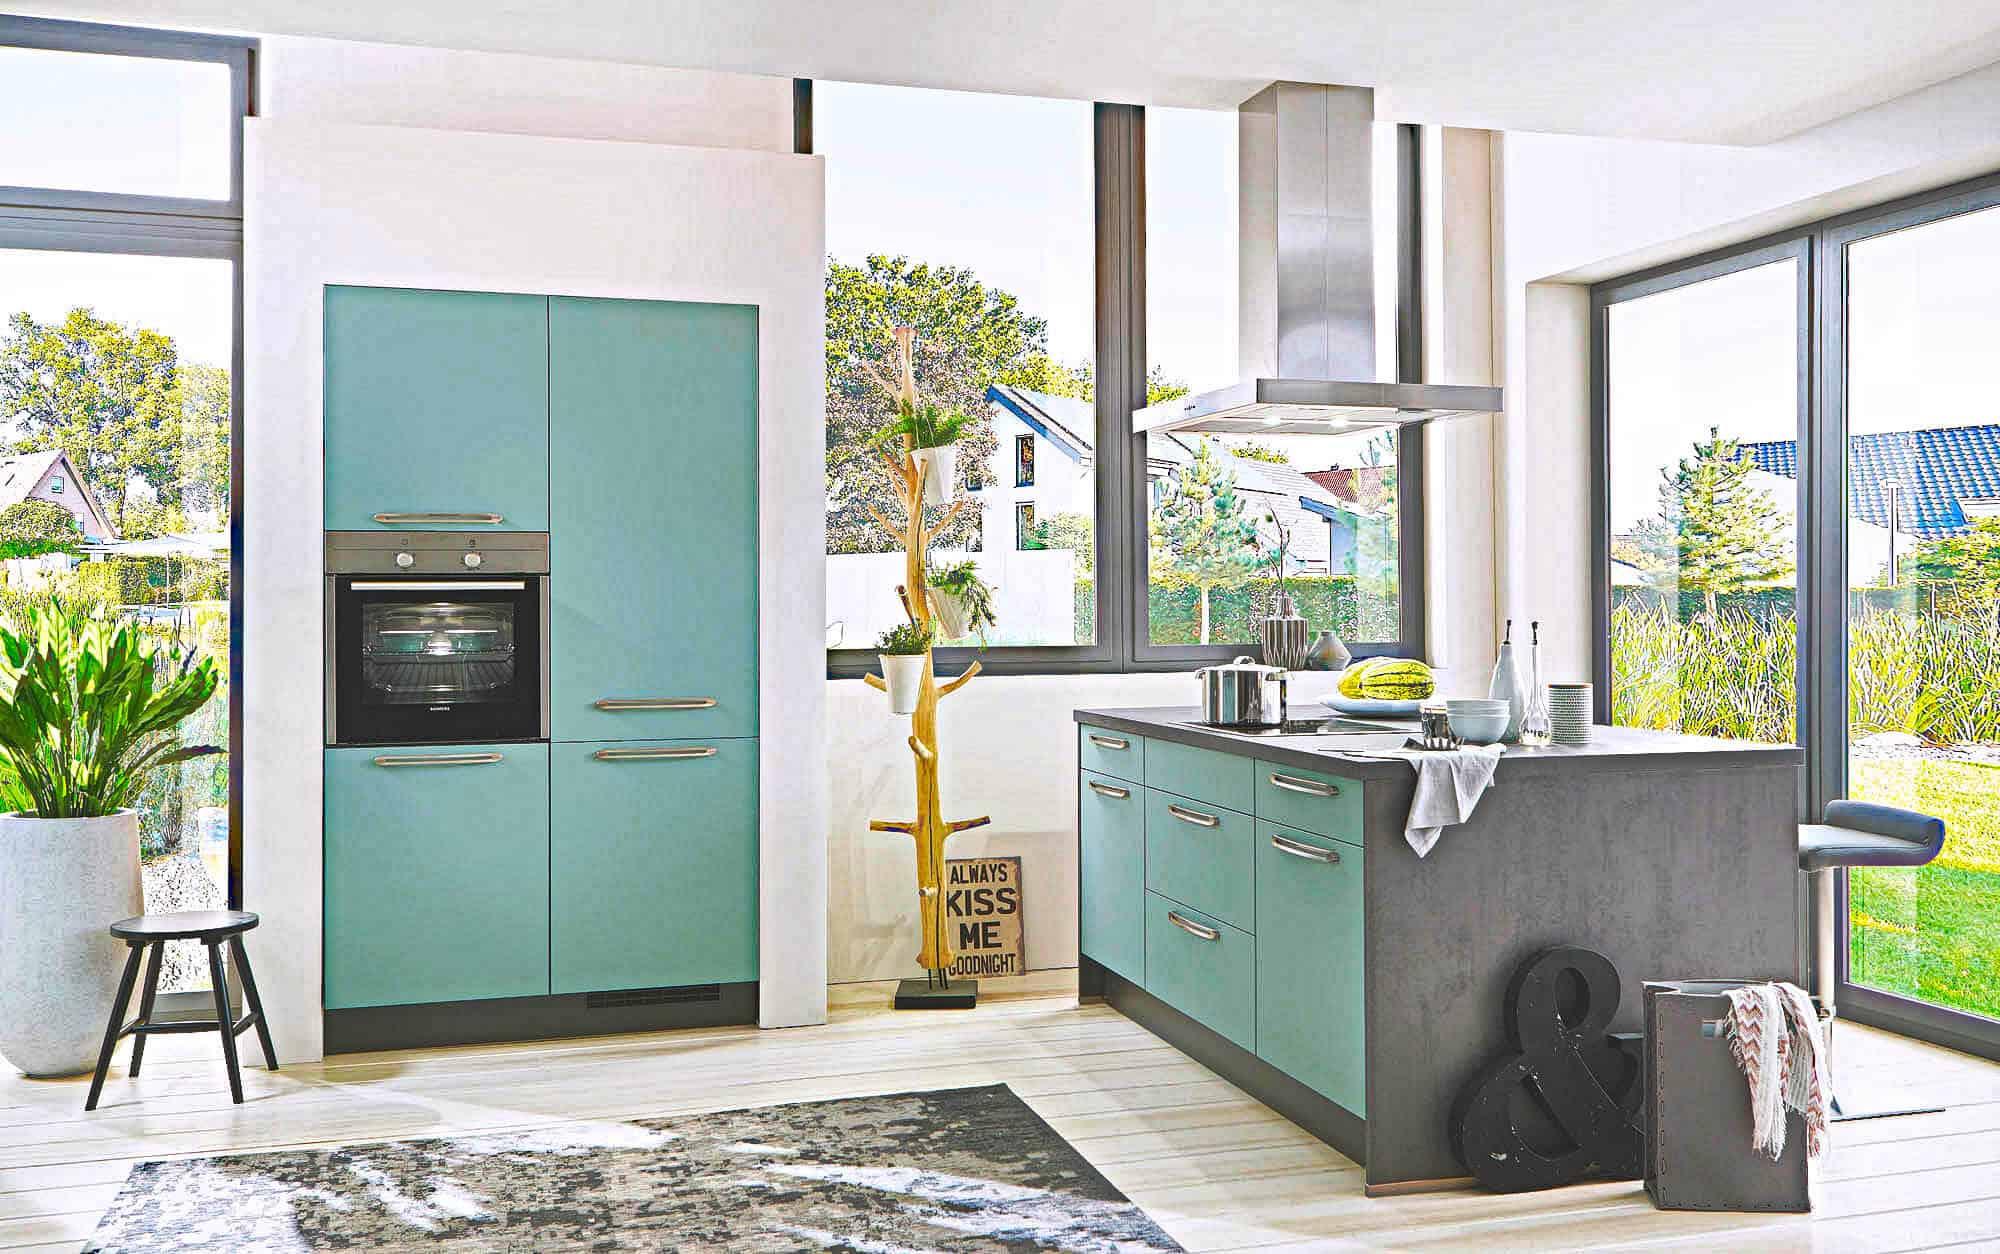 Wunderbar Blau Kücheninsel Zu Verkaufen Zeitgenössisch - Ideen Für ...